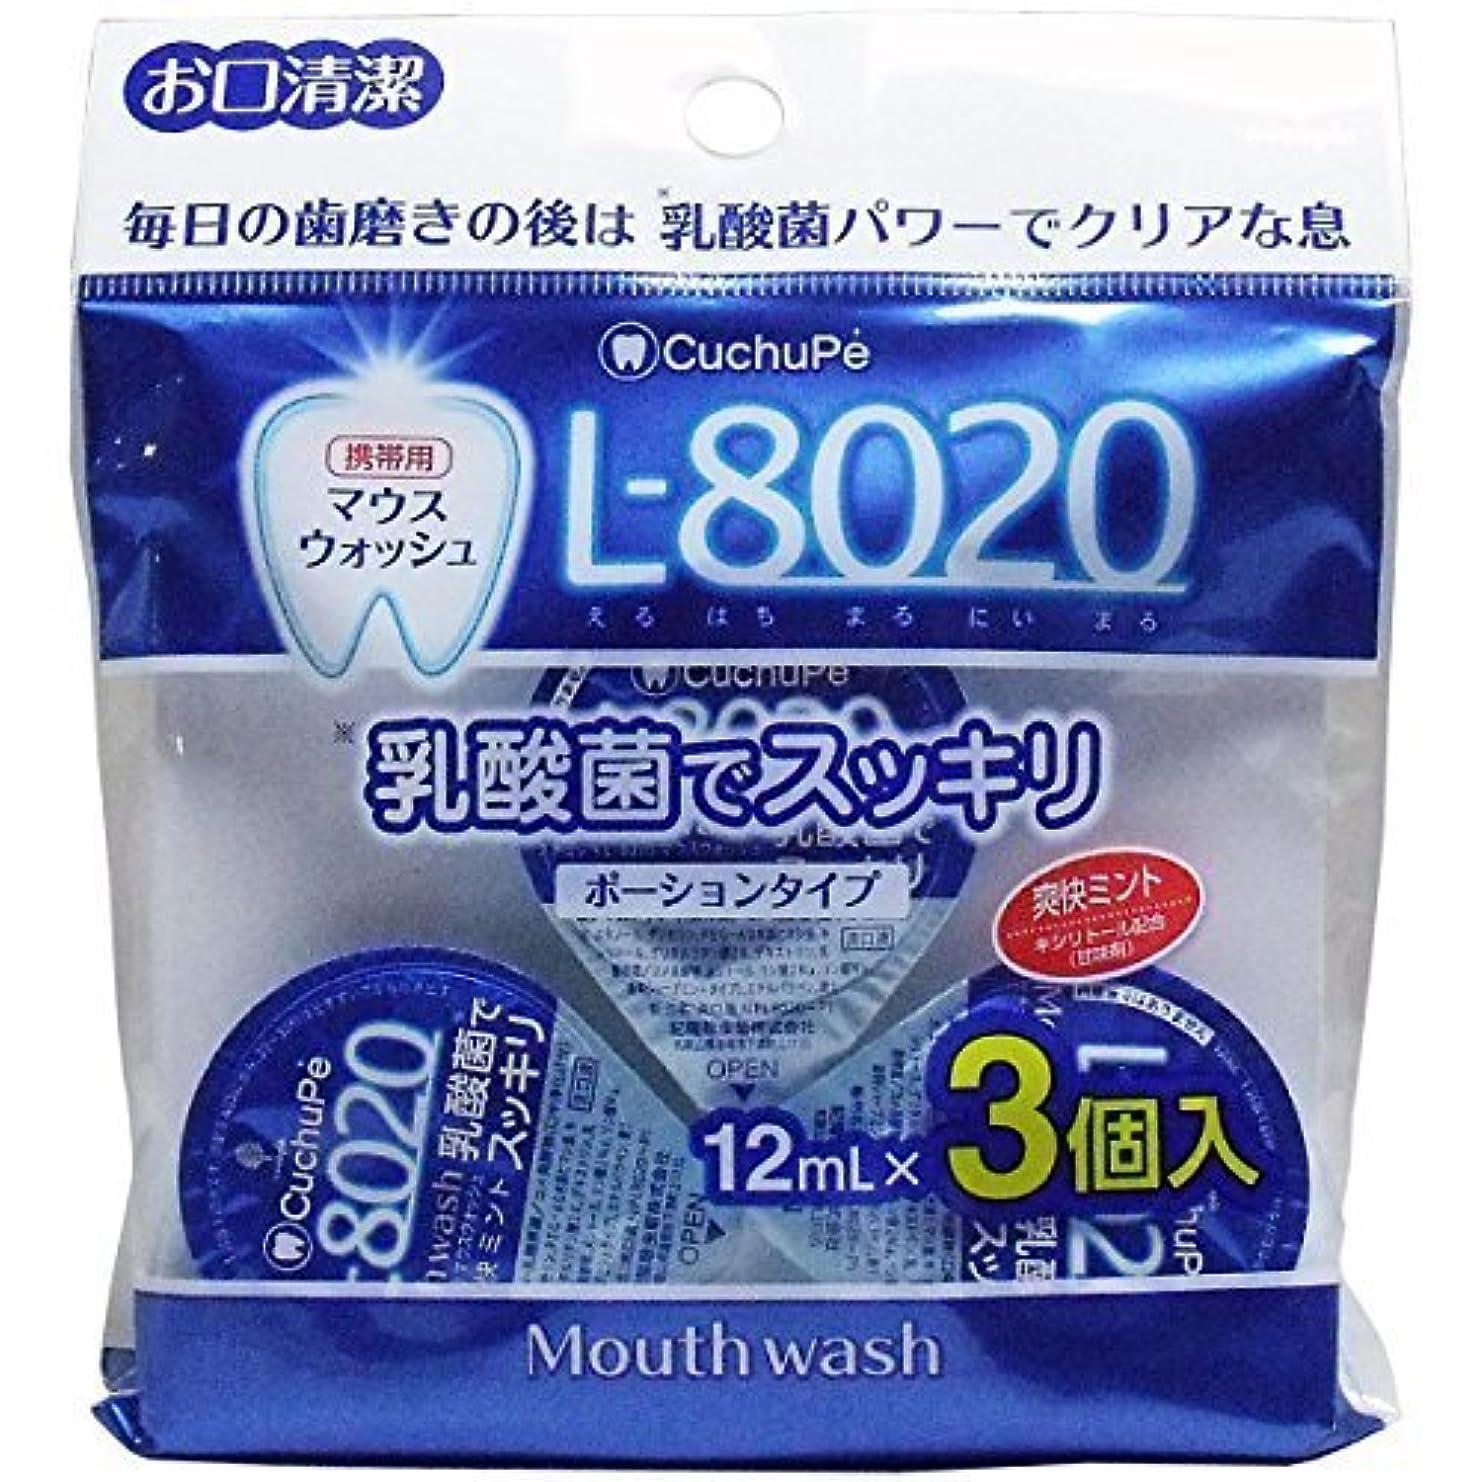 憧れライセンス薬用クチュッペL-8020爽快ミントポーションタイプ3個入(アルコール) 【まとめ買い10個セット】 K-7051